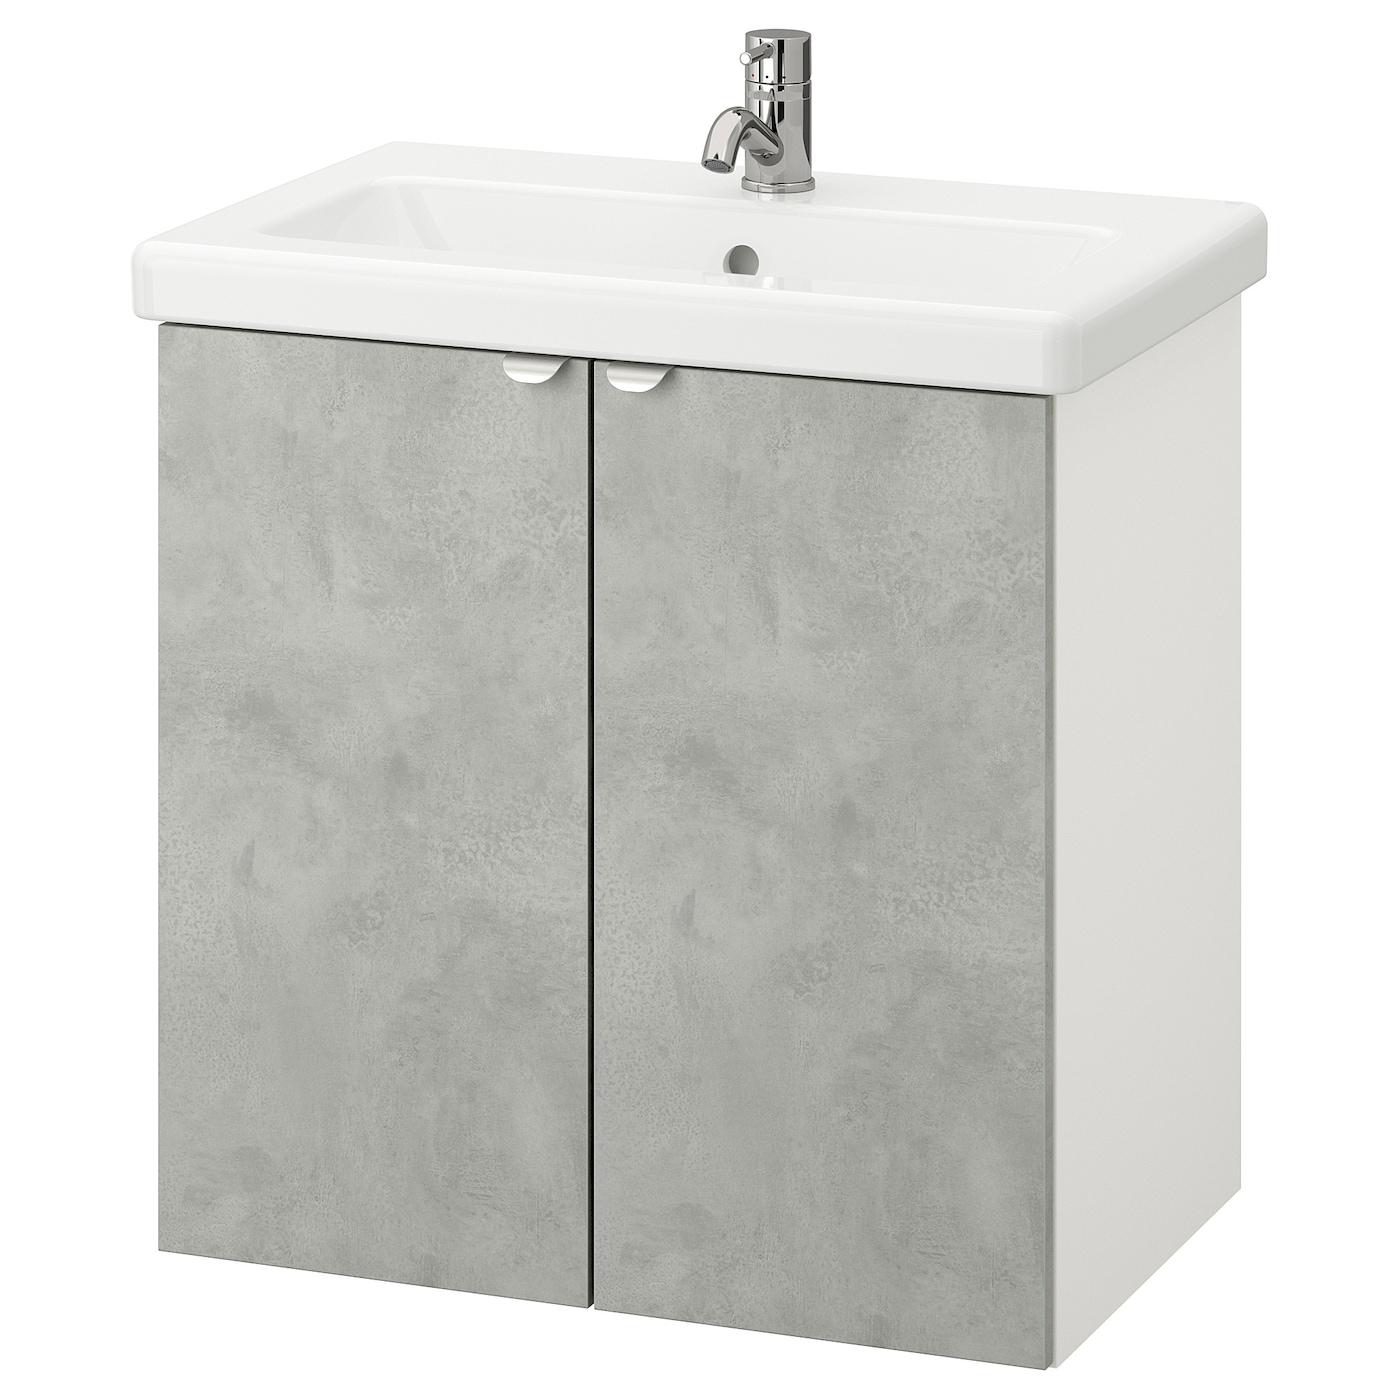 ENHET / TVÄLLEN Wash-basin cabinet with 5 doors - concrete effect/white  Pilkån tap 5x5x5 cm